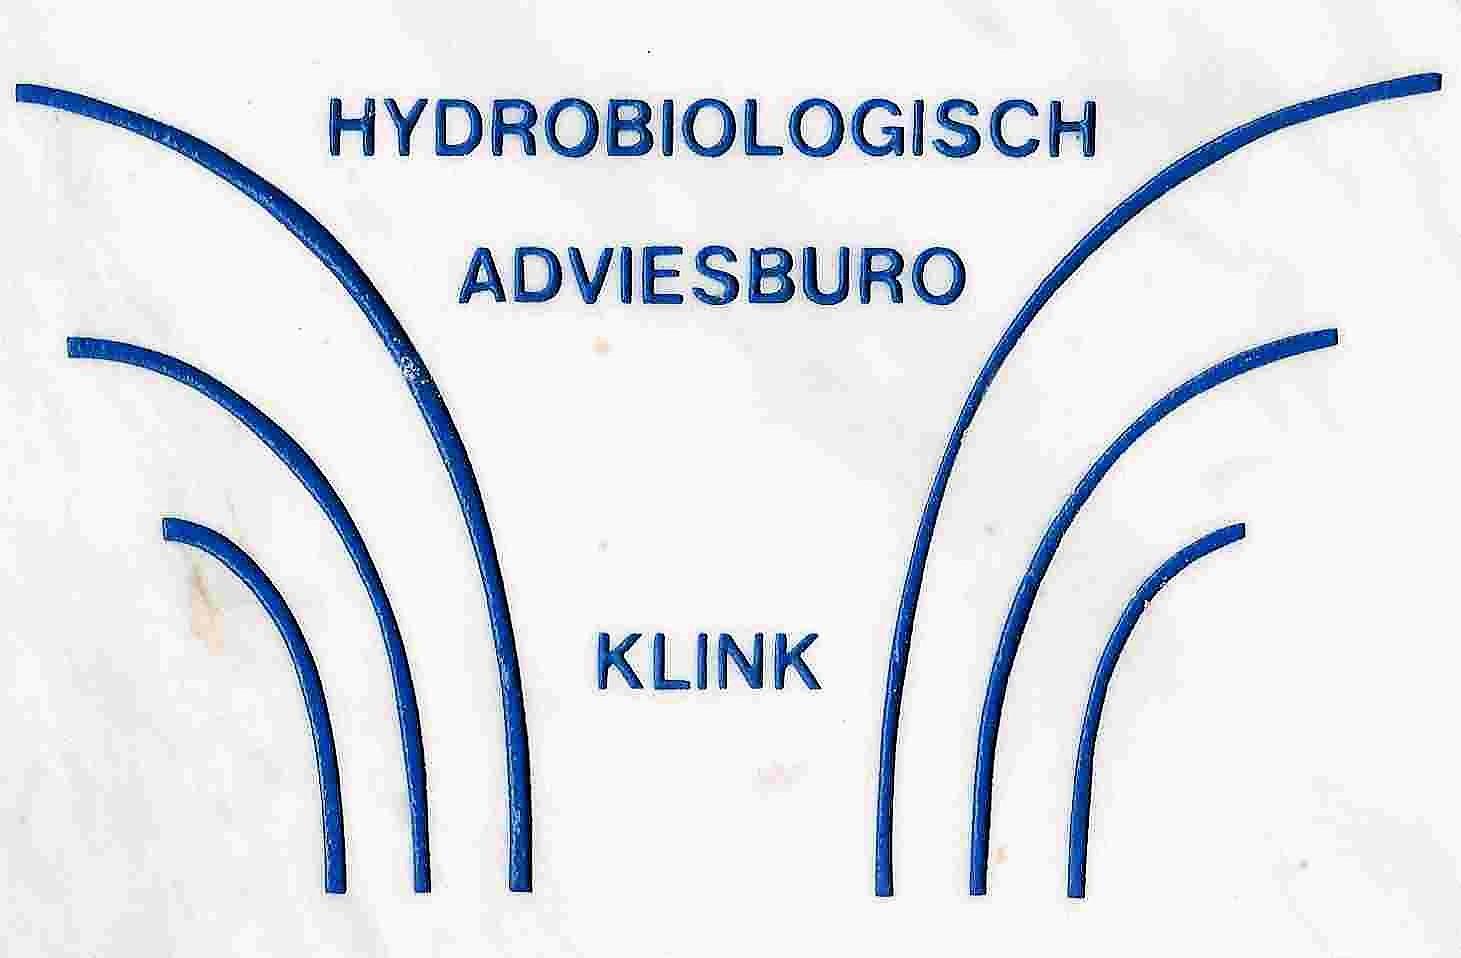 Hydrobiologisch Adviesburo Klink